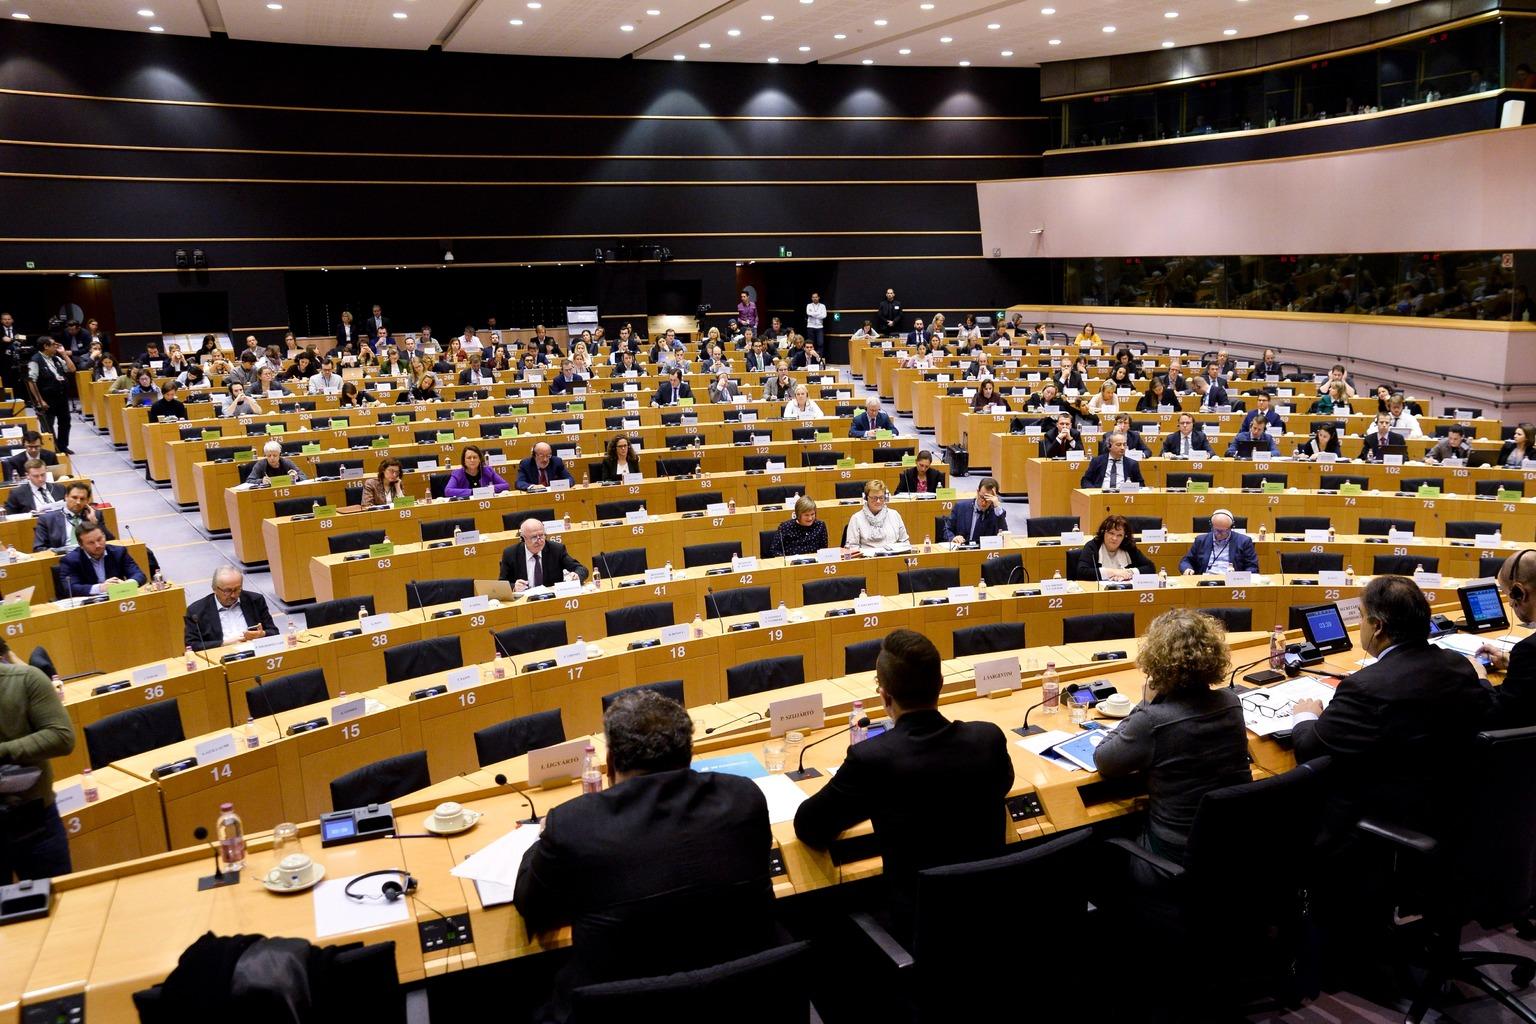 Az Európai Parlament (EP) által közreadott kép az EP belügyi, állampolgári jogi és igazságügyi szakbizottságának (LIBE) a jogállamiság magyarországi helyzetéről tartott meghallgatásáról Brüsszelben 2017. december 7-én. Balról a második Szijjártó Péter külgazdasági és külügyminiszter (háttal). (MTI/Európai Parlament/Dominique Hommel)